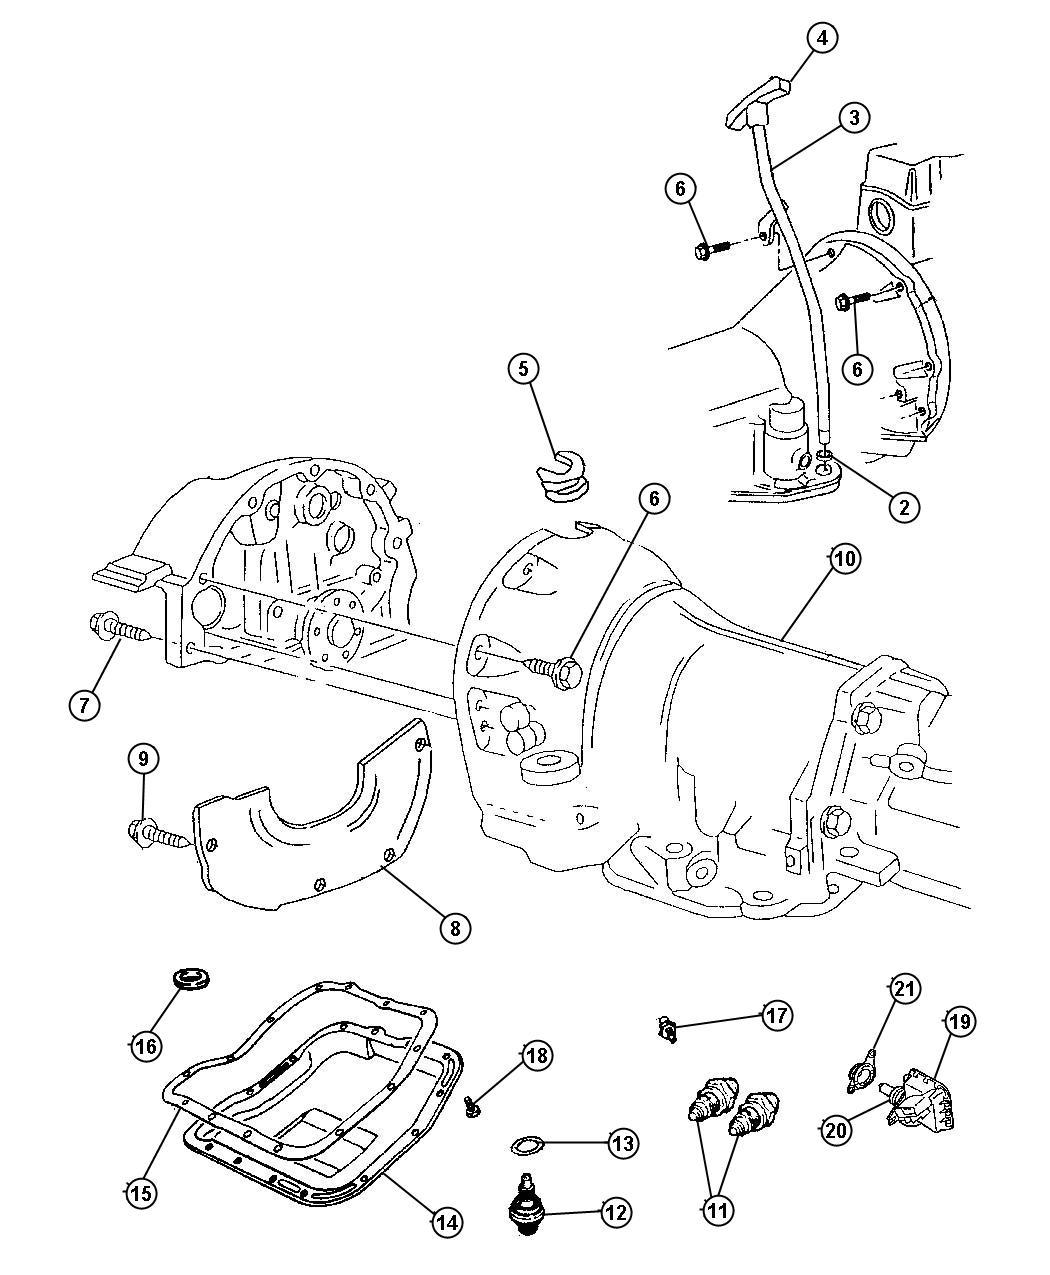 1999    Dodge    46re    Transmission    Wiring    Diagram      Wiring